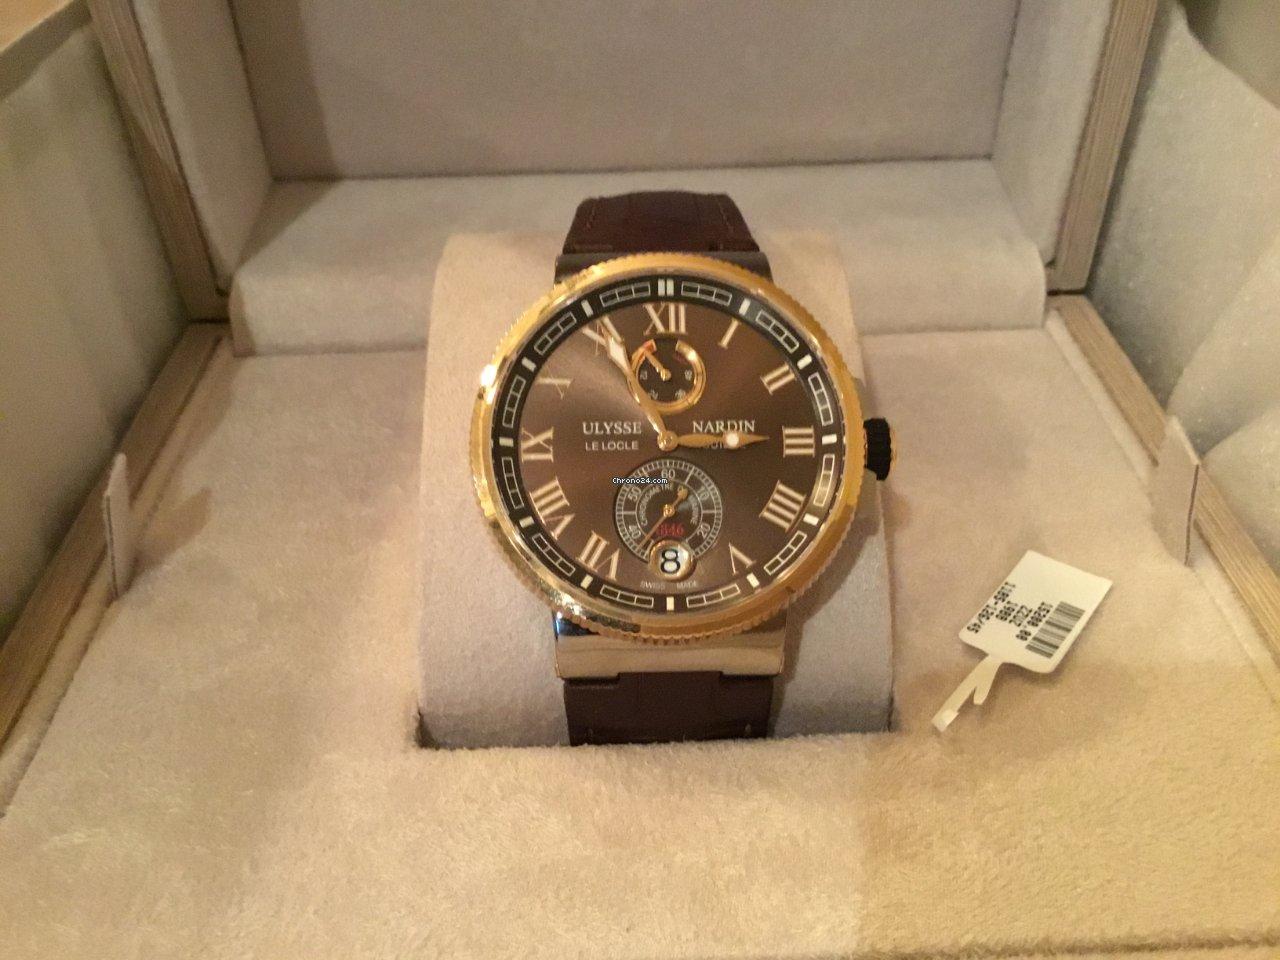 Ulysse Nardin Marine Chronometer Manufacture 1185-126/45 2020 new